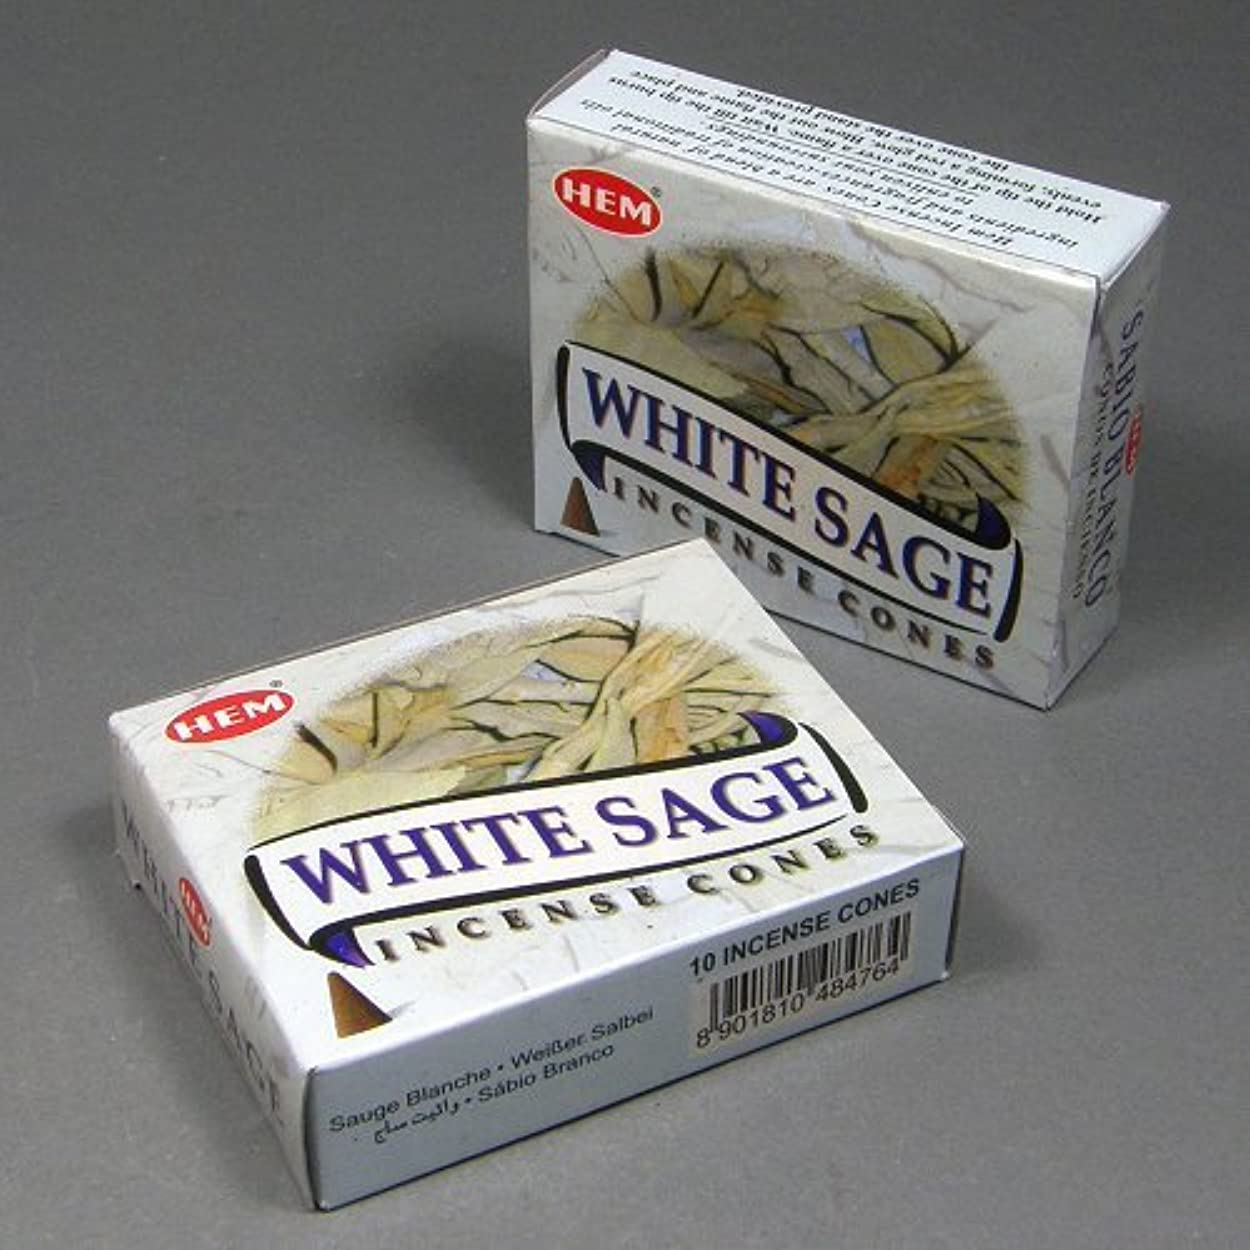 クッション賛美歌願望Hemホワイトセージ香Dhoop Cones、10円錐のペアボックス